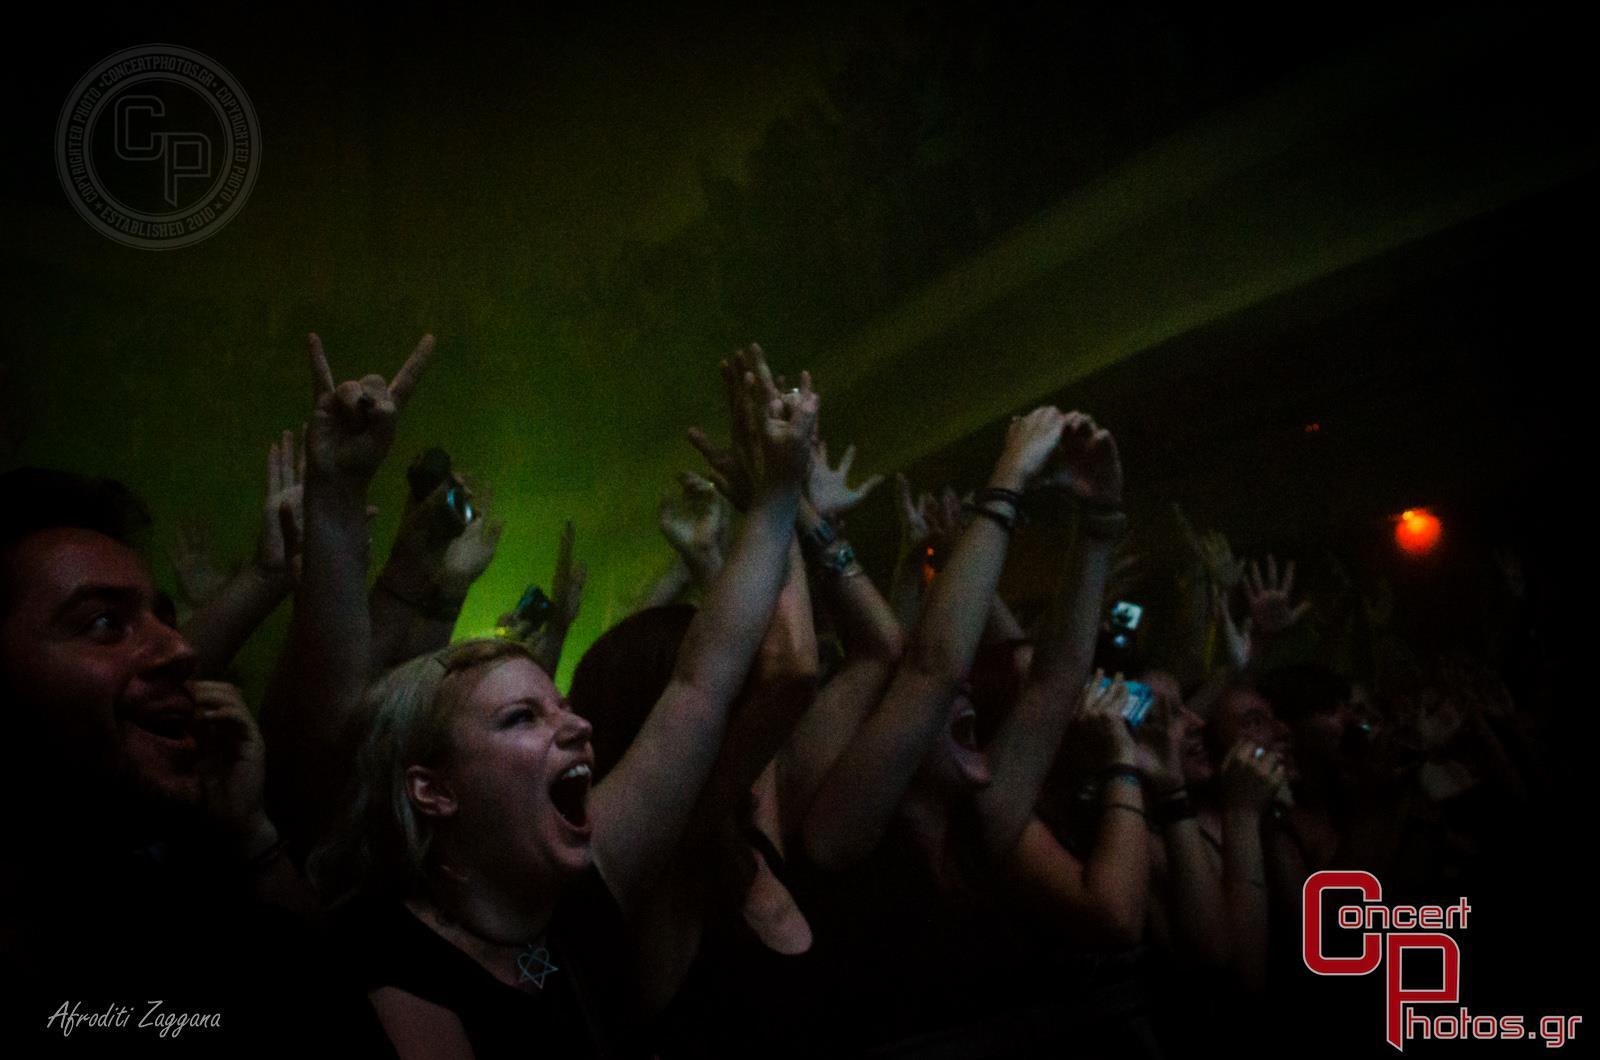 HIM-HIM photographer:  - concertphotos_20140801_21_12_57